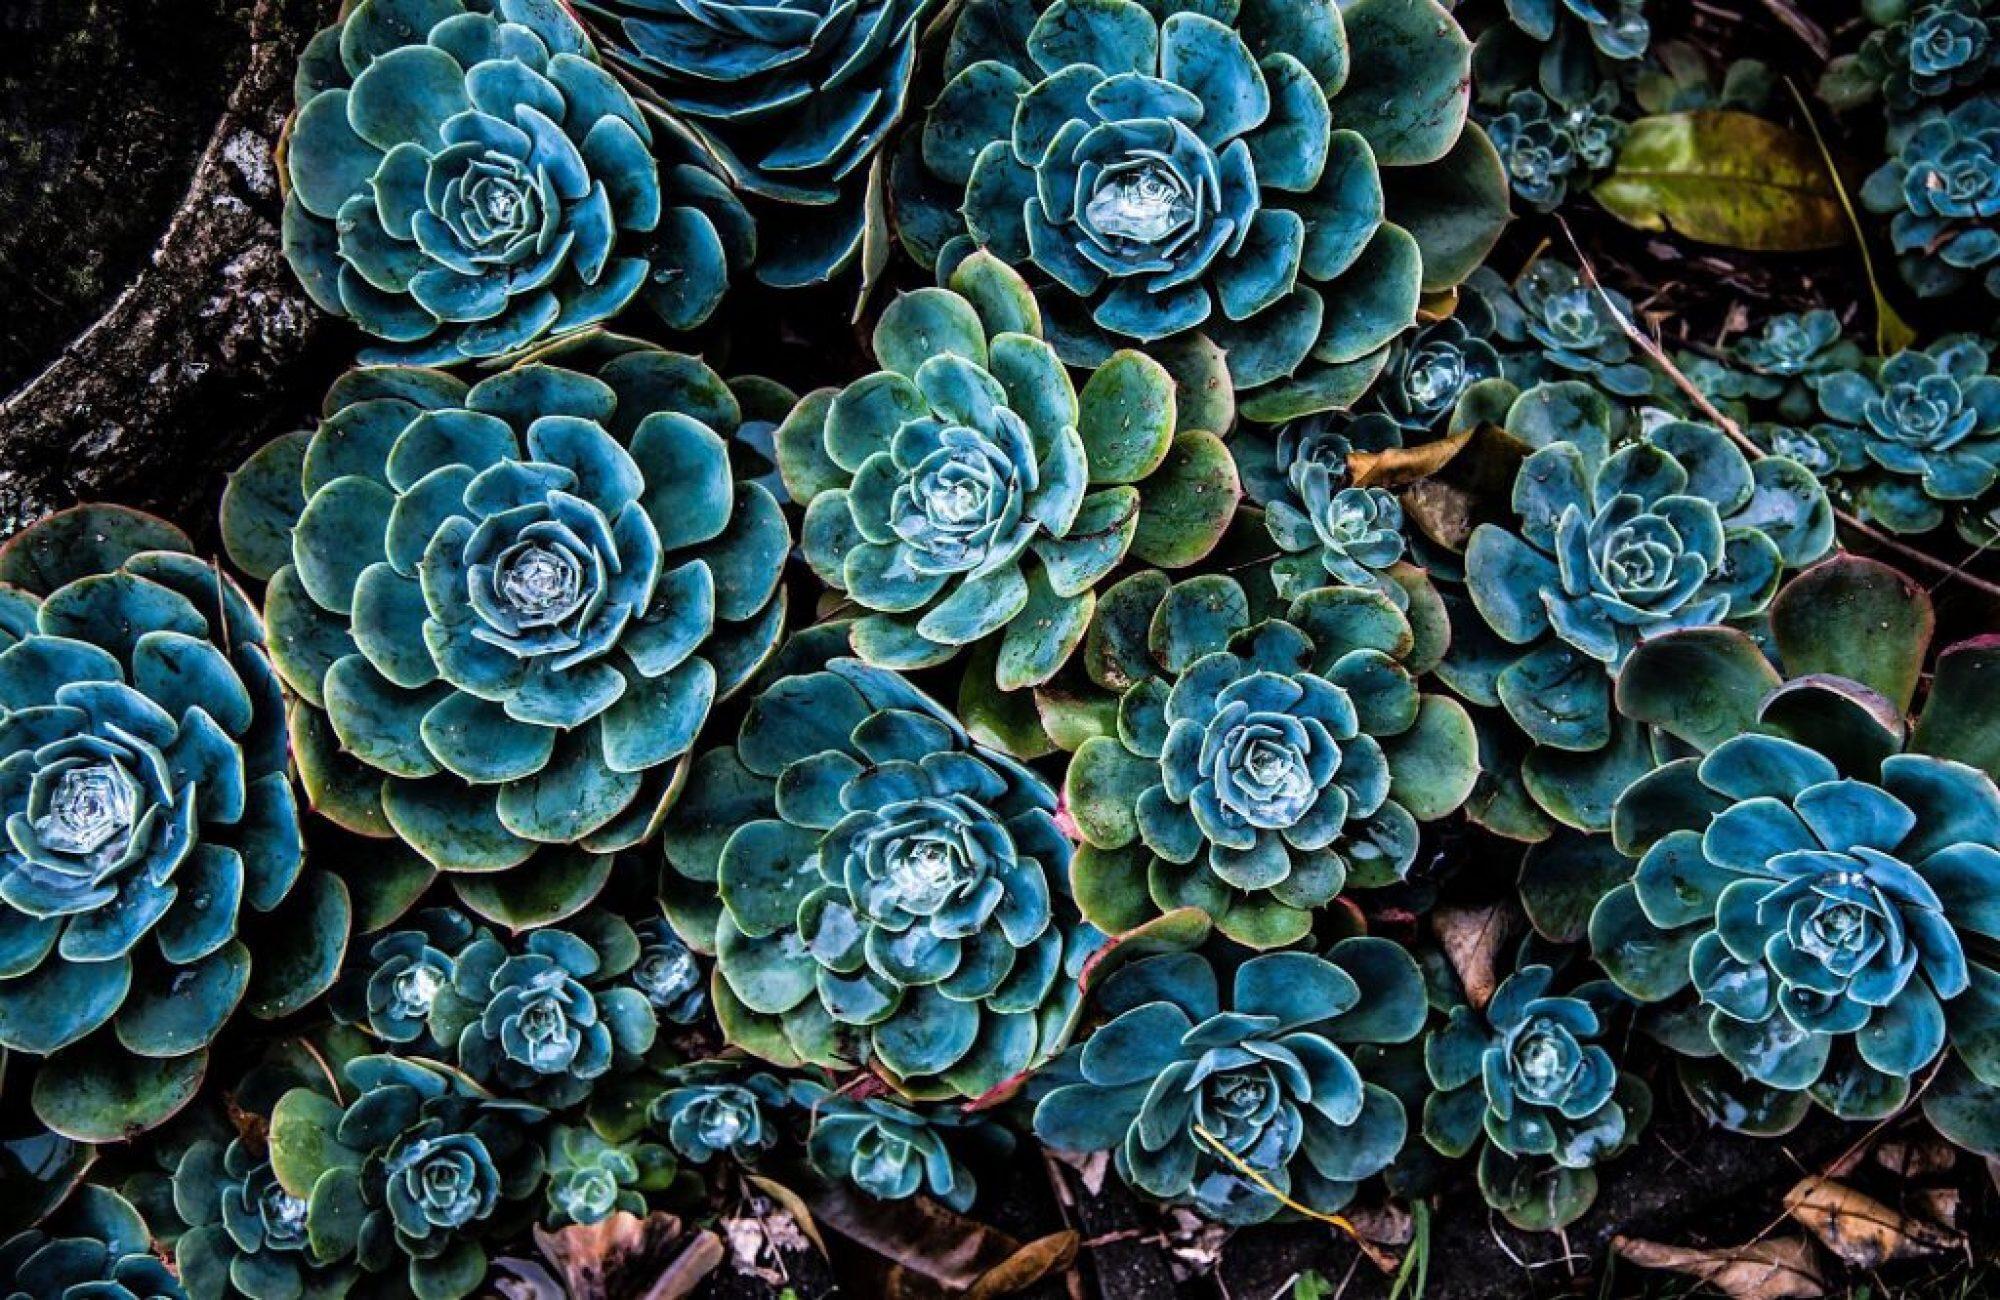 plants fractals patterns